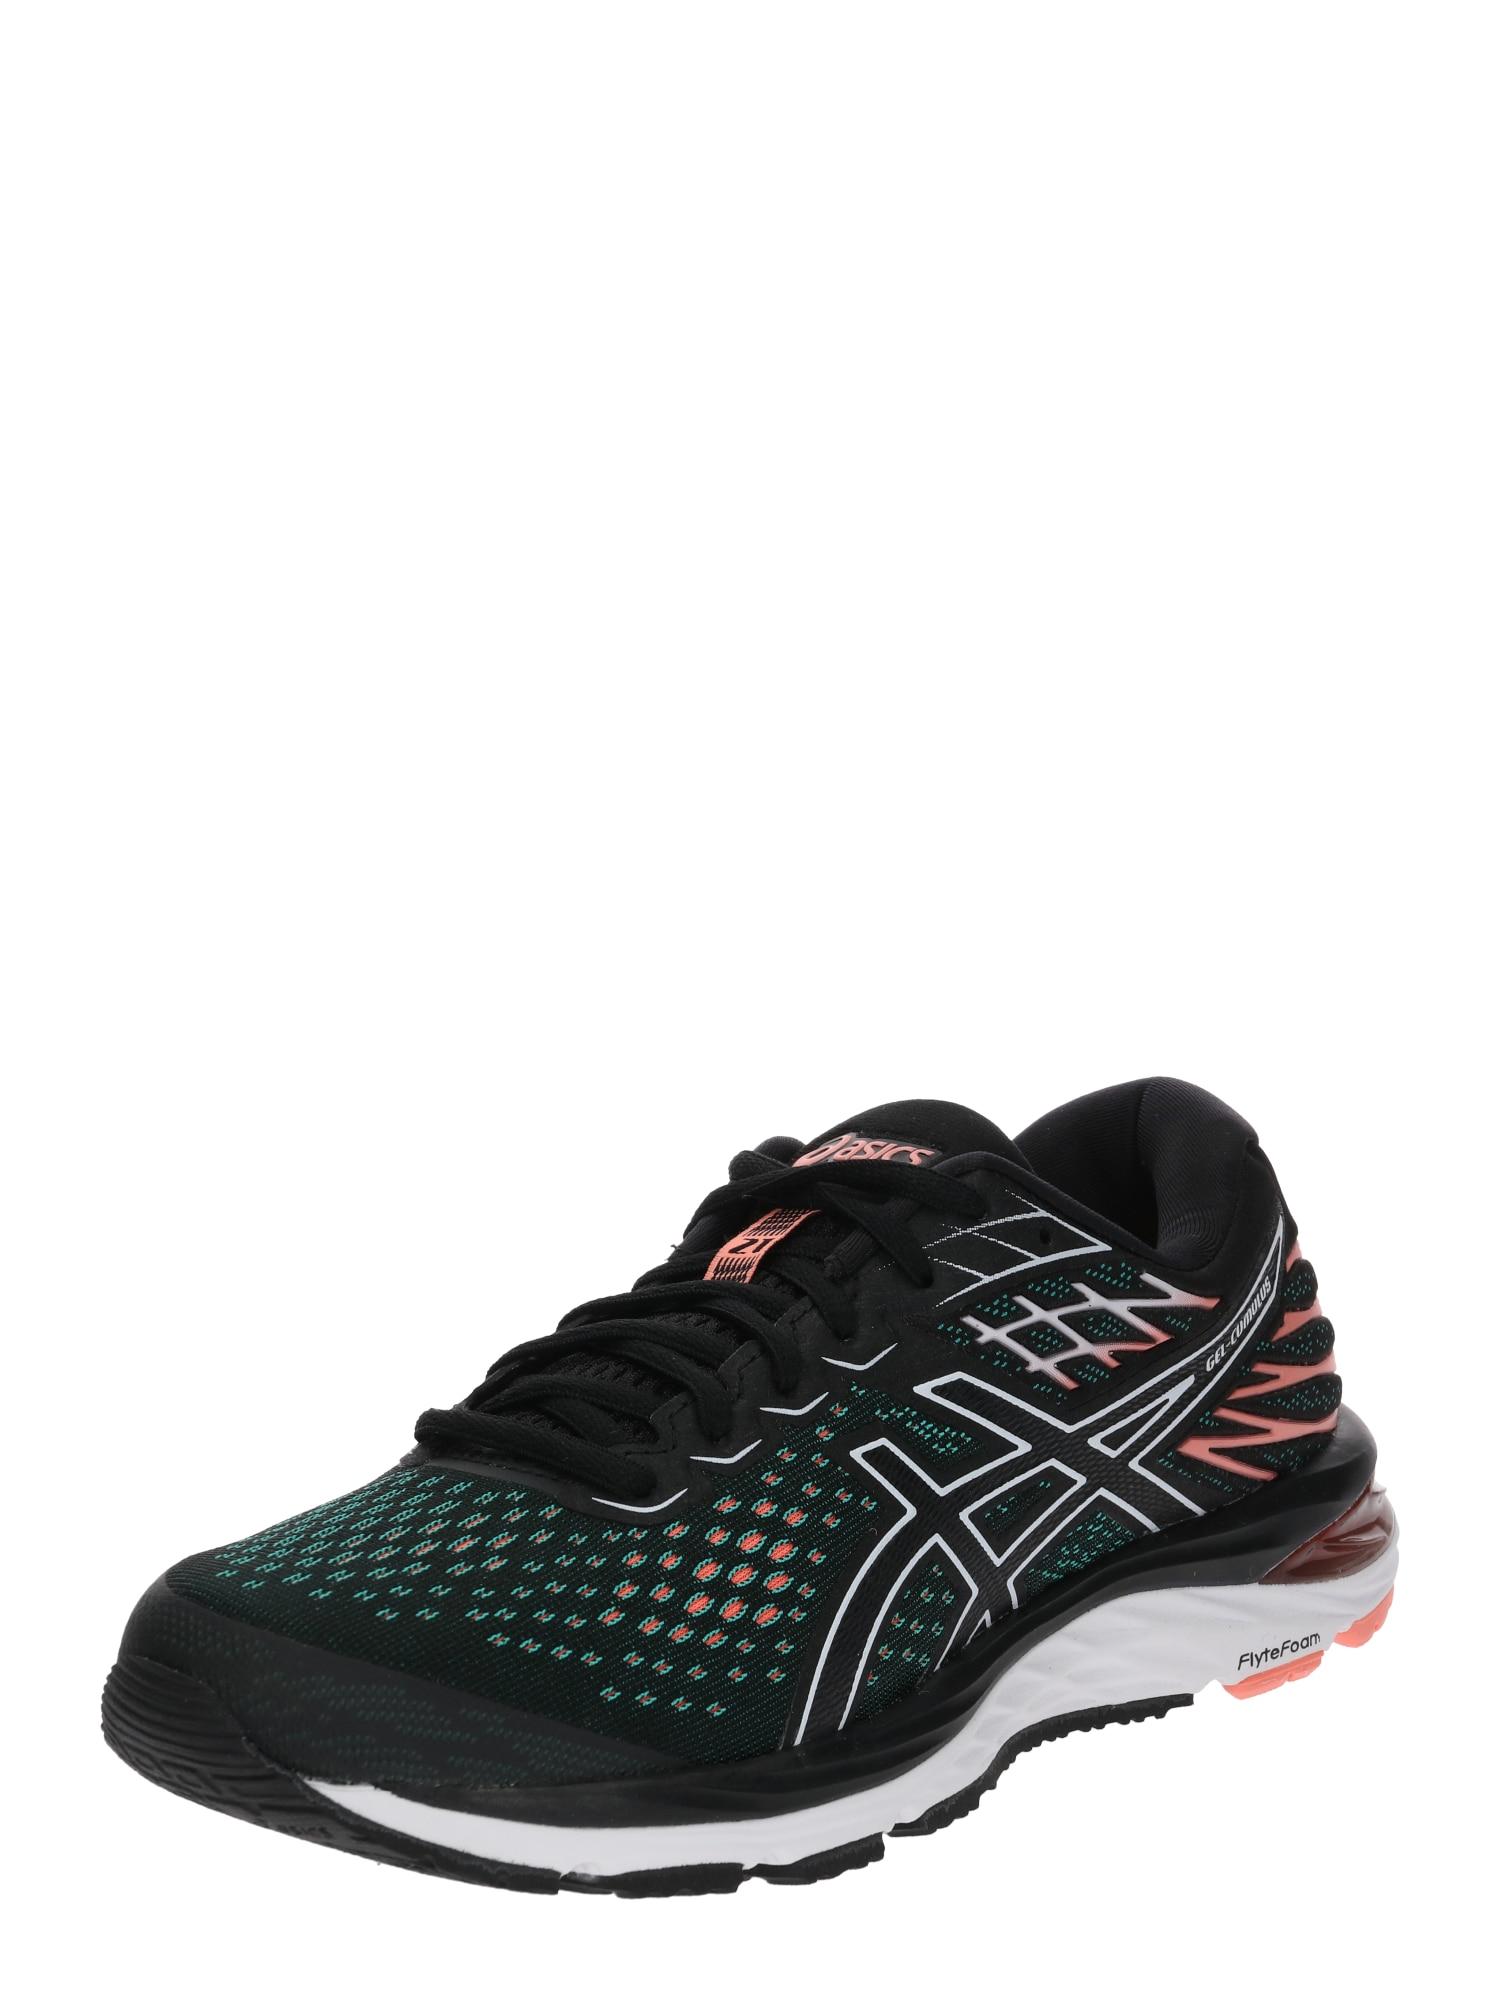 Běžecká obuv GEL-CUMULUS 21 korálová černá ASICS